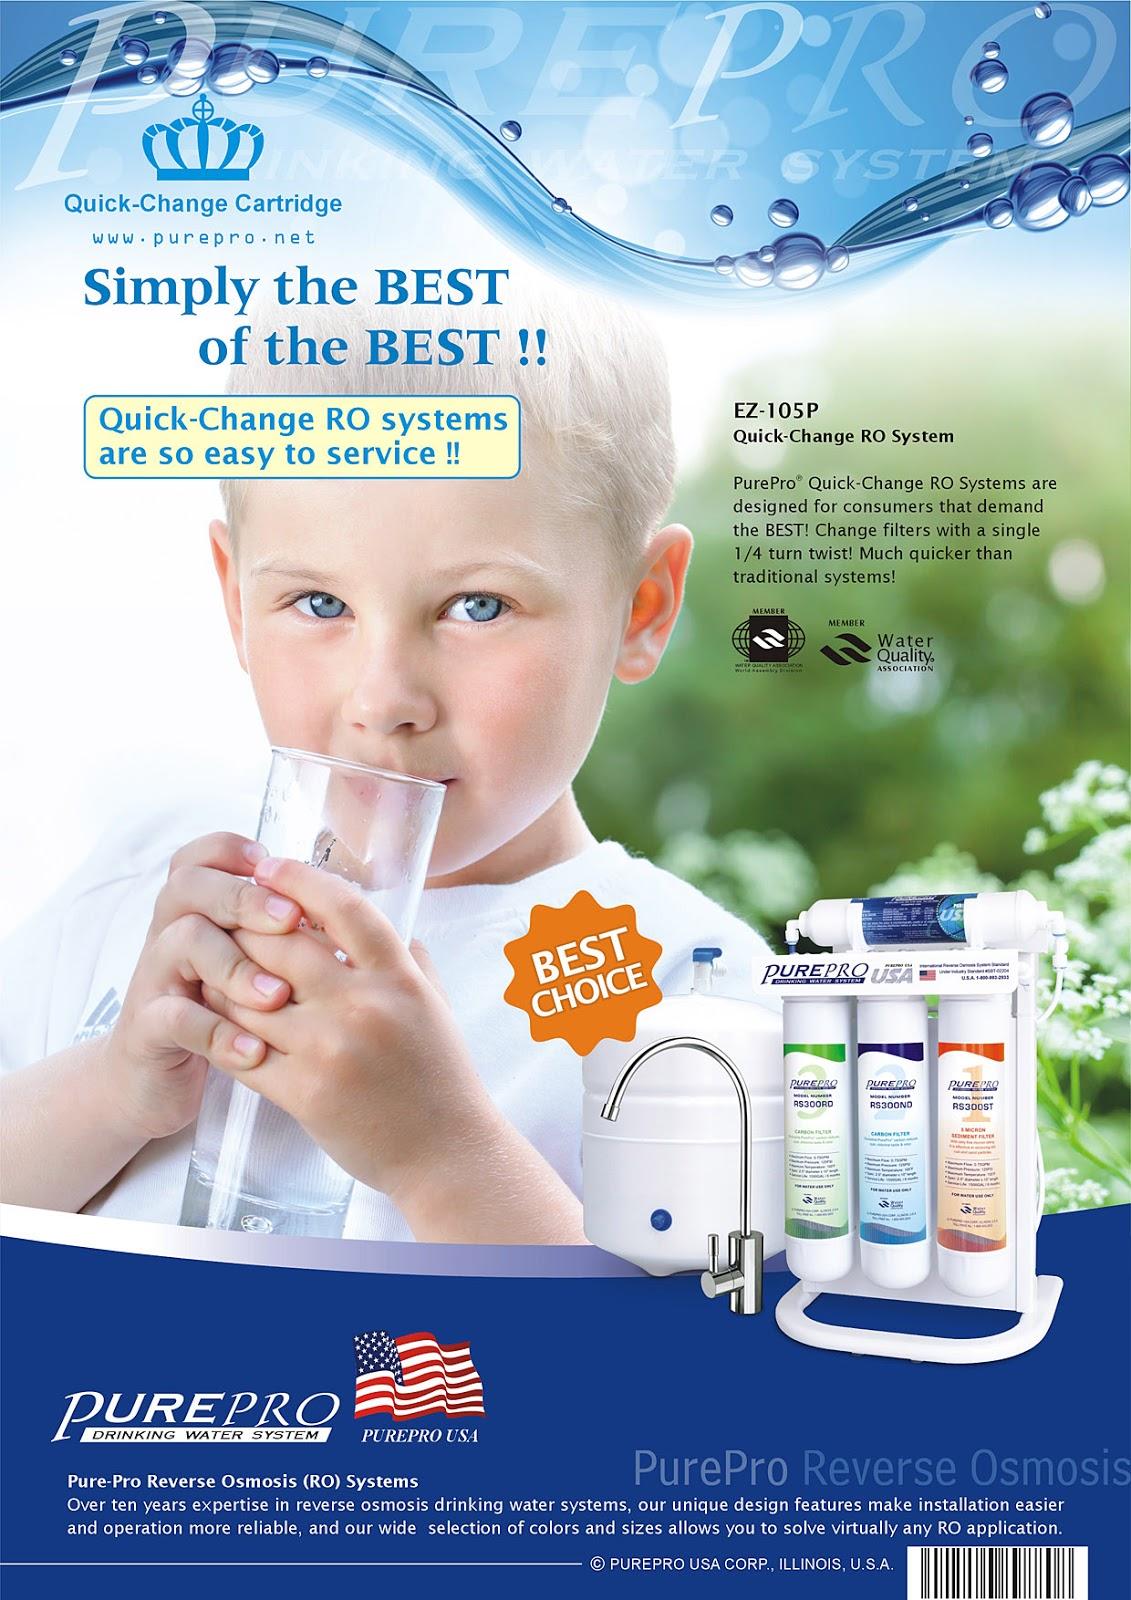 十大最佳RO逆滲透淨水器之一 :   美國 PurePro® 2020年專業評論指南- 推薦機型